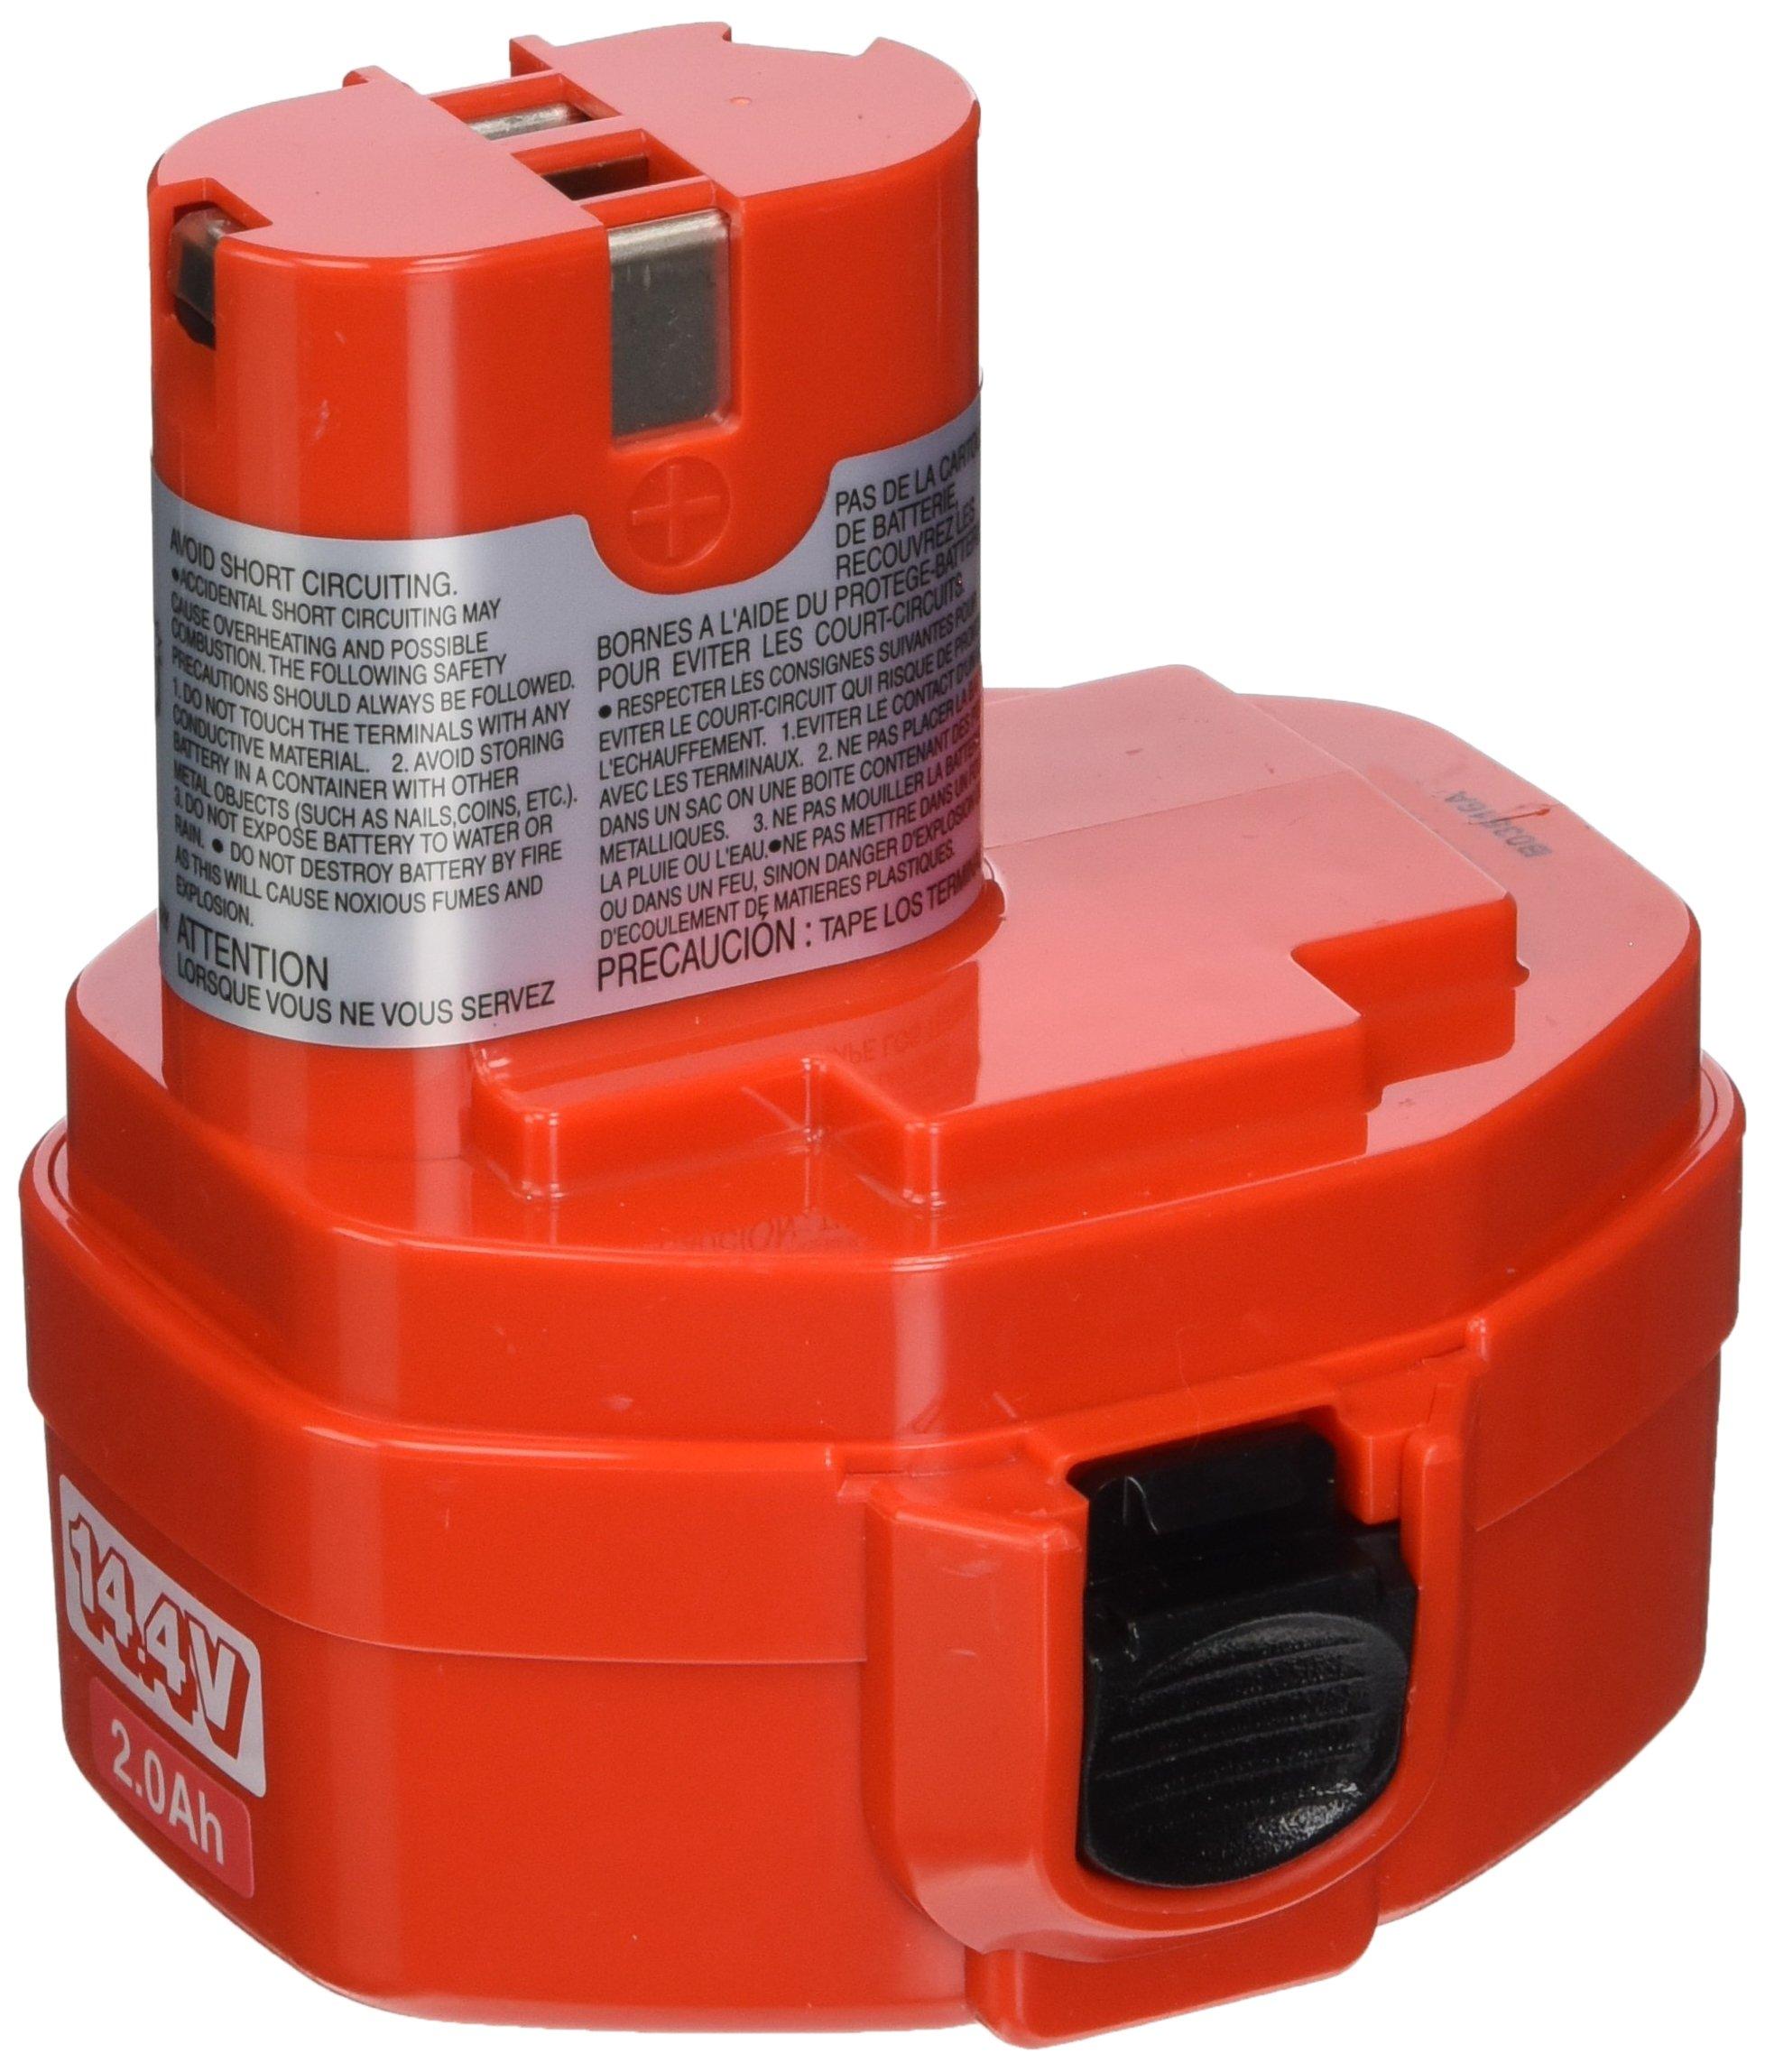 Bateria Original Makita MAK192600-1 14.4V 2.0-Amp